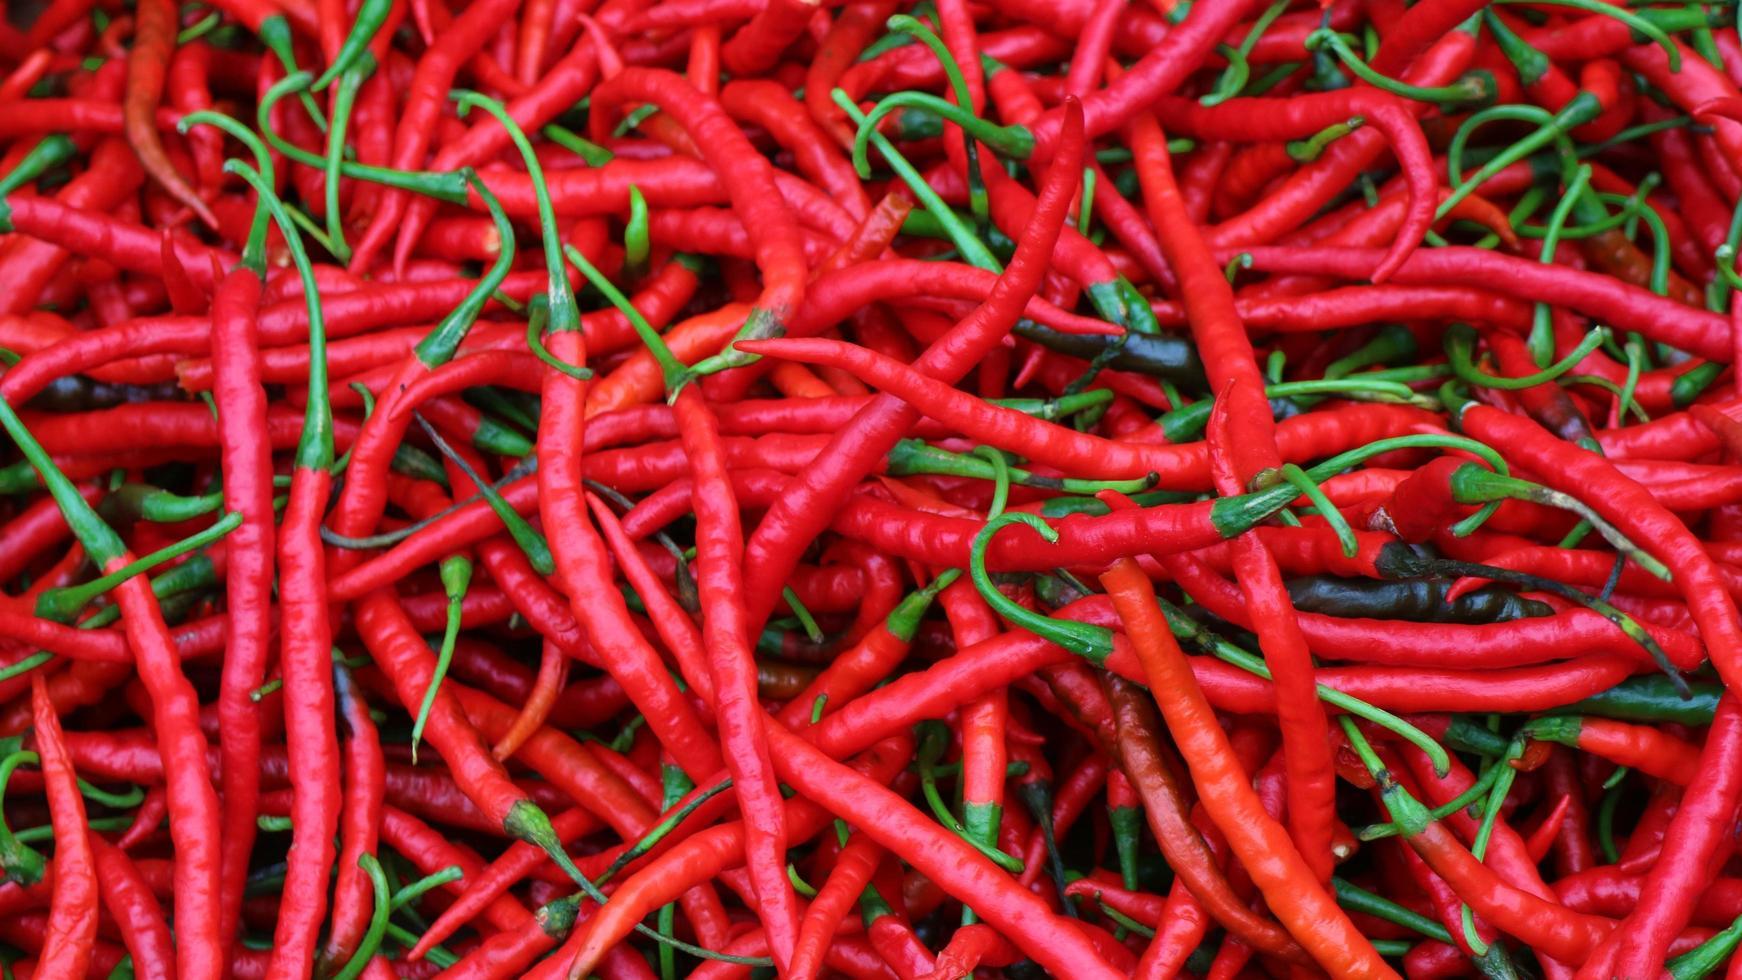 mogen red hot chili i korgen till salu på den asiatiska grönsaksmarknaden foto